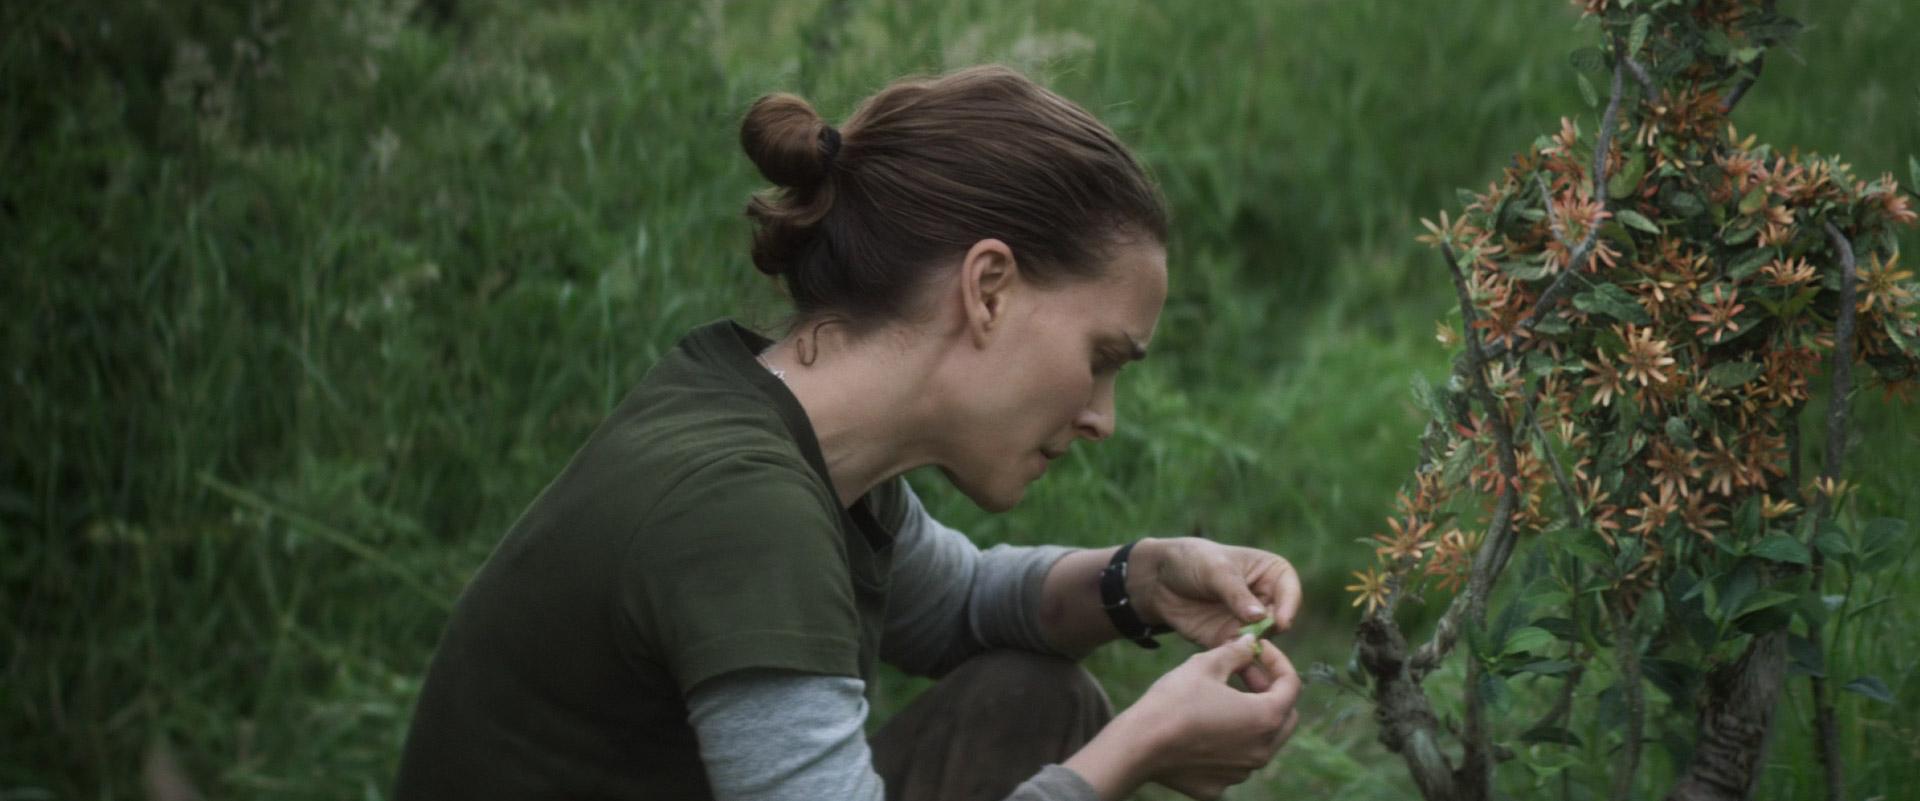 Смотреть Онлайн Фильм С Натали Портман